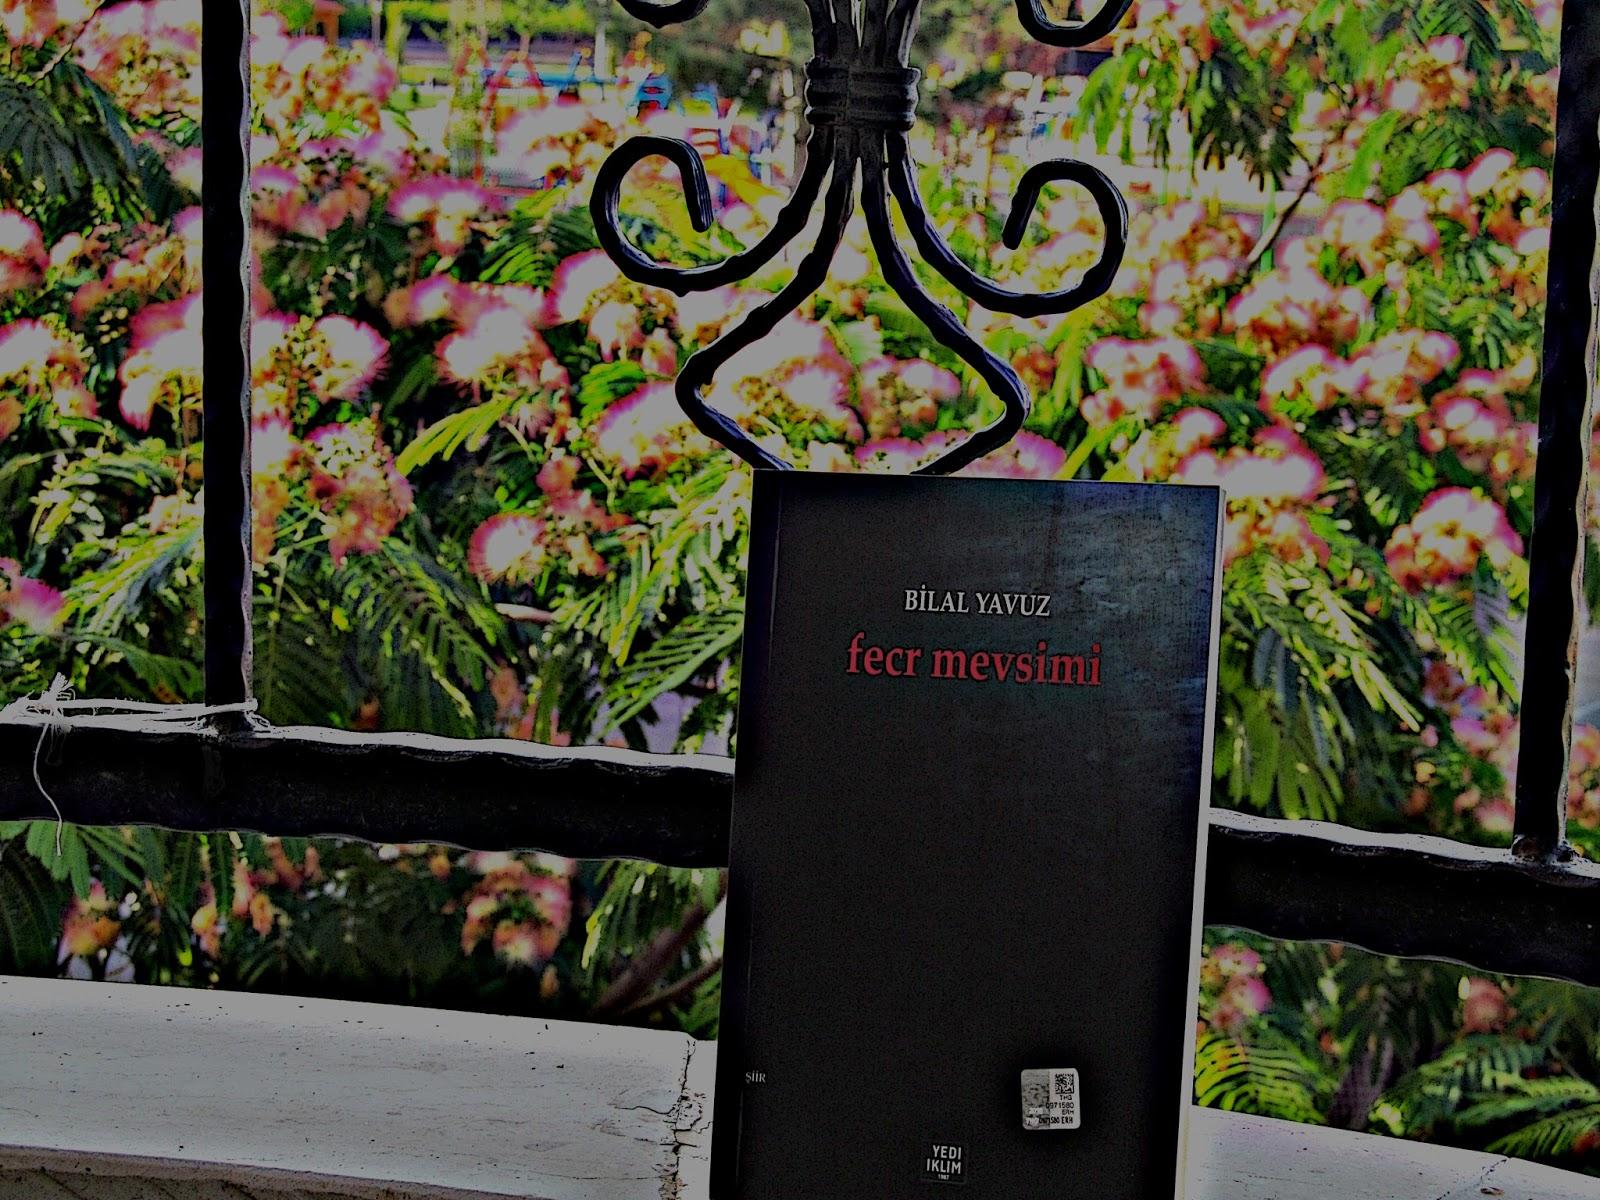 IMG 2784 - Şair Bilal Yavuz'dan şiirler